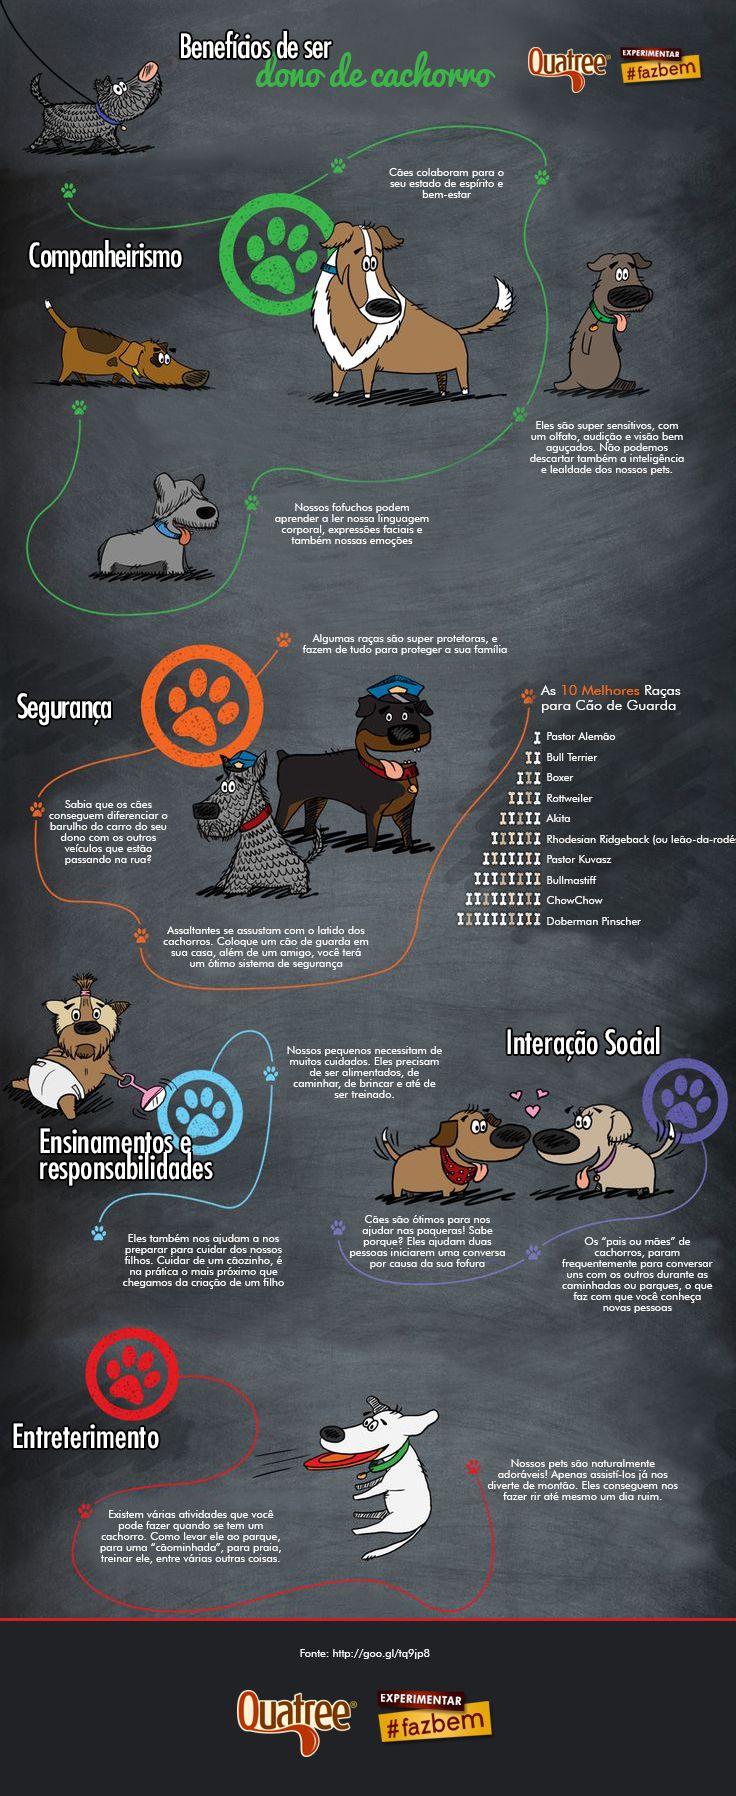 Você sabe quais são os benefícios de ser dono de cachorro? Na dúvida, confira o infográfico abaixo e saiba porque eles nos encantam tanto e se tornaram os nossos melhores amigos.